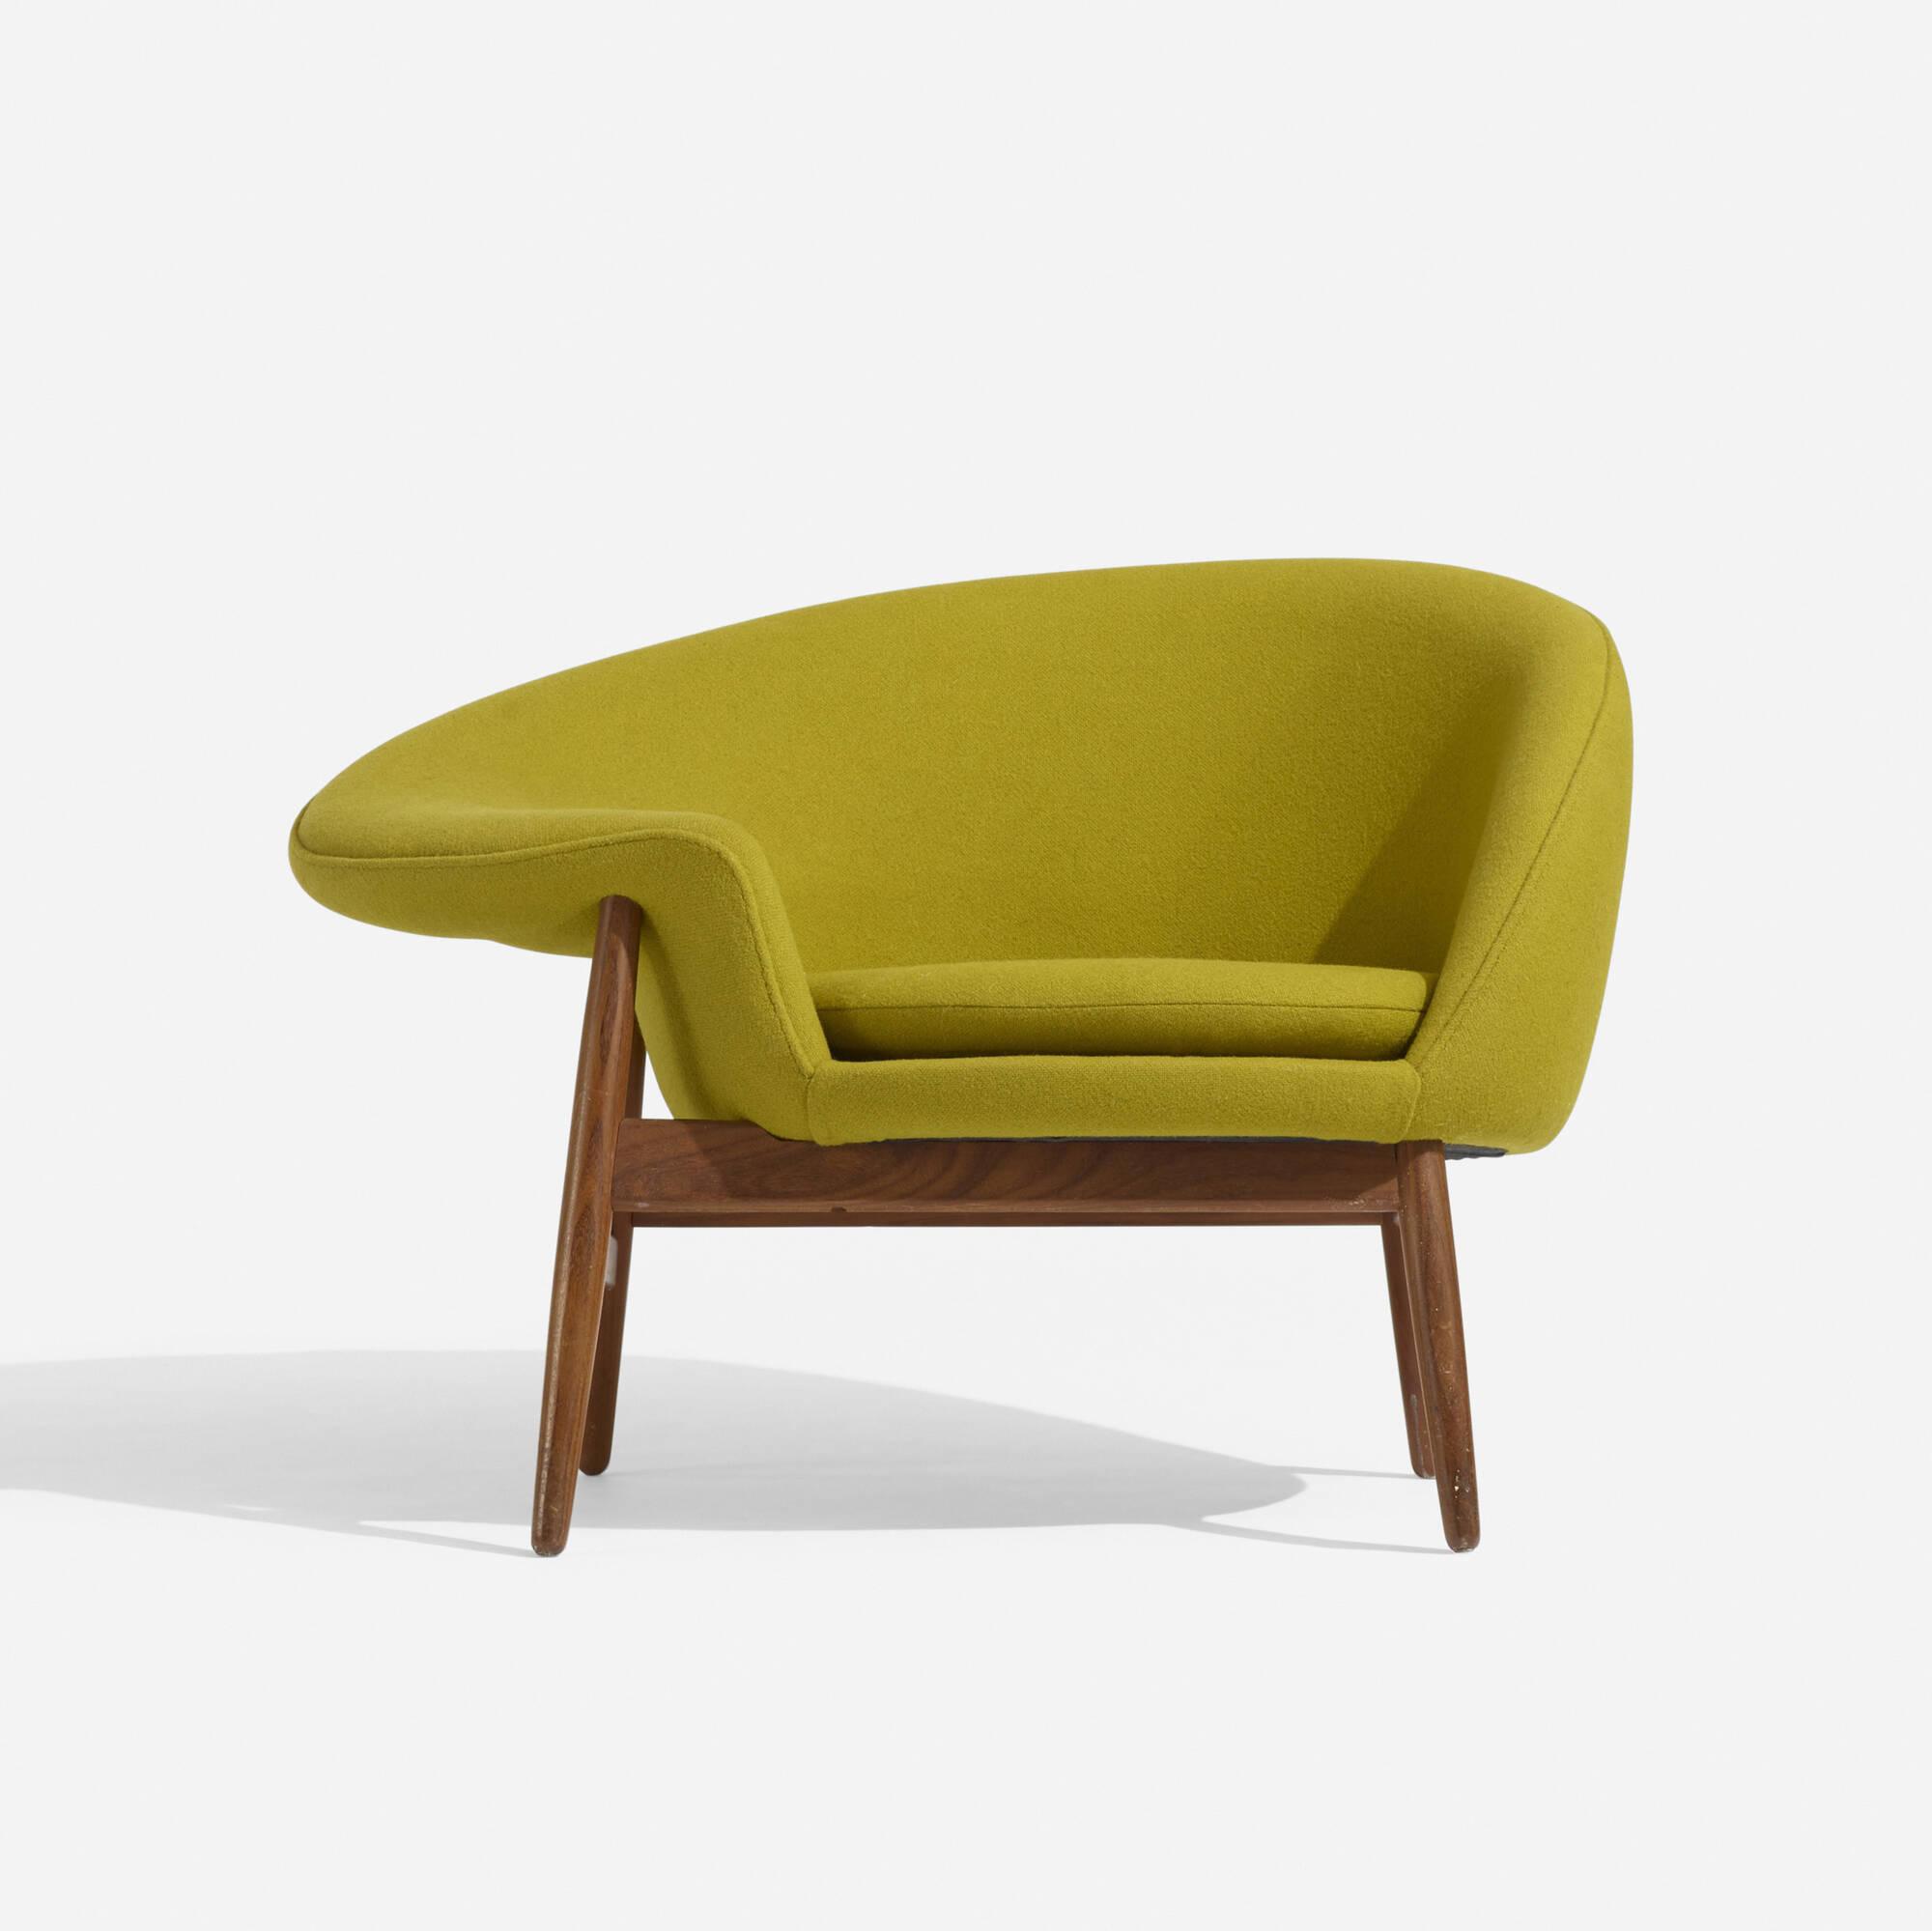 224: Hans Olsen / Lounge Chair, Model 188 (2 Of 4) ...